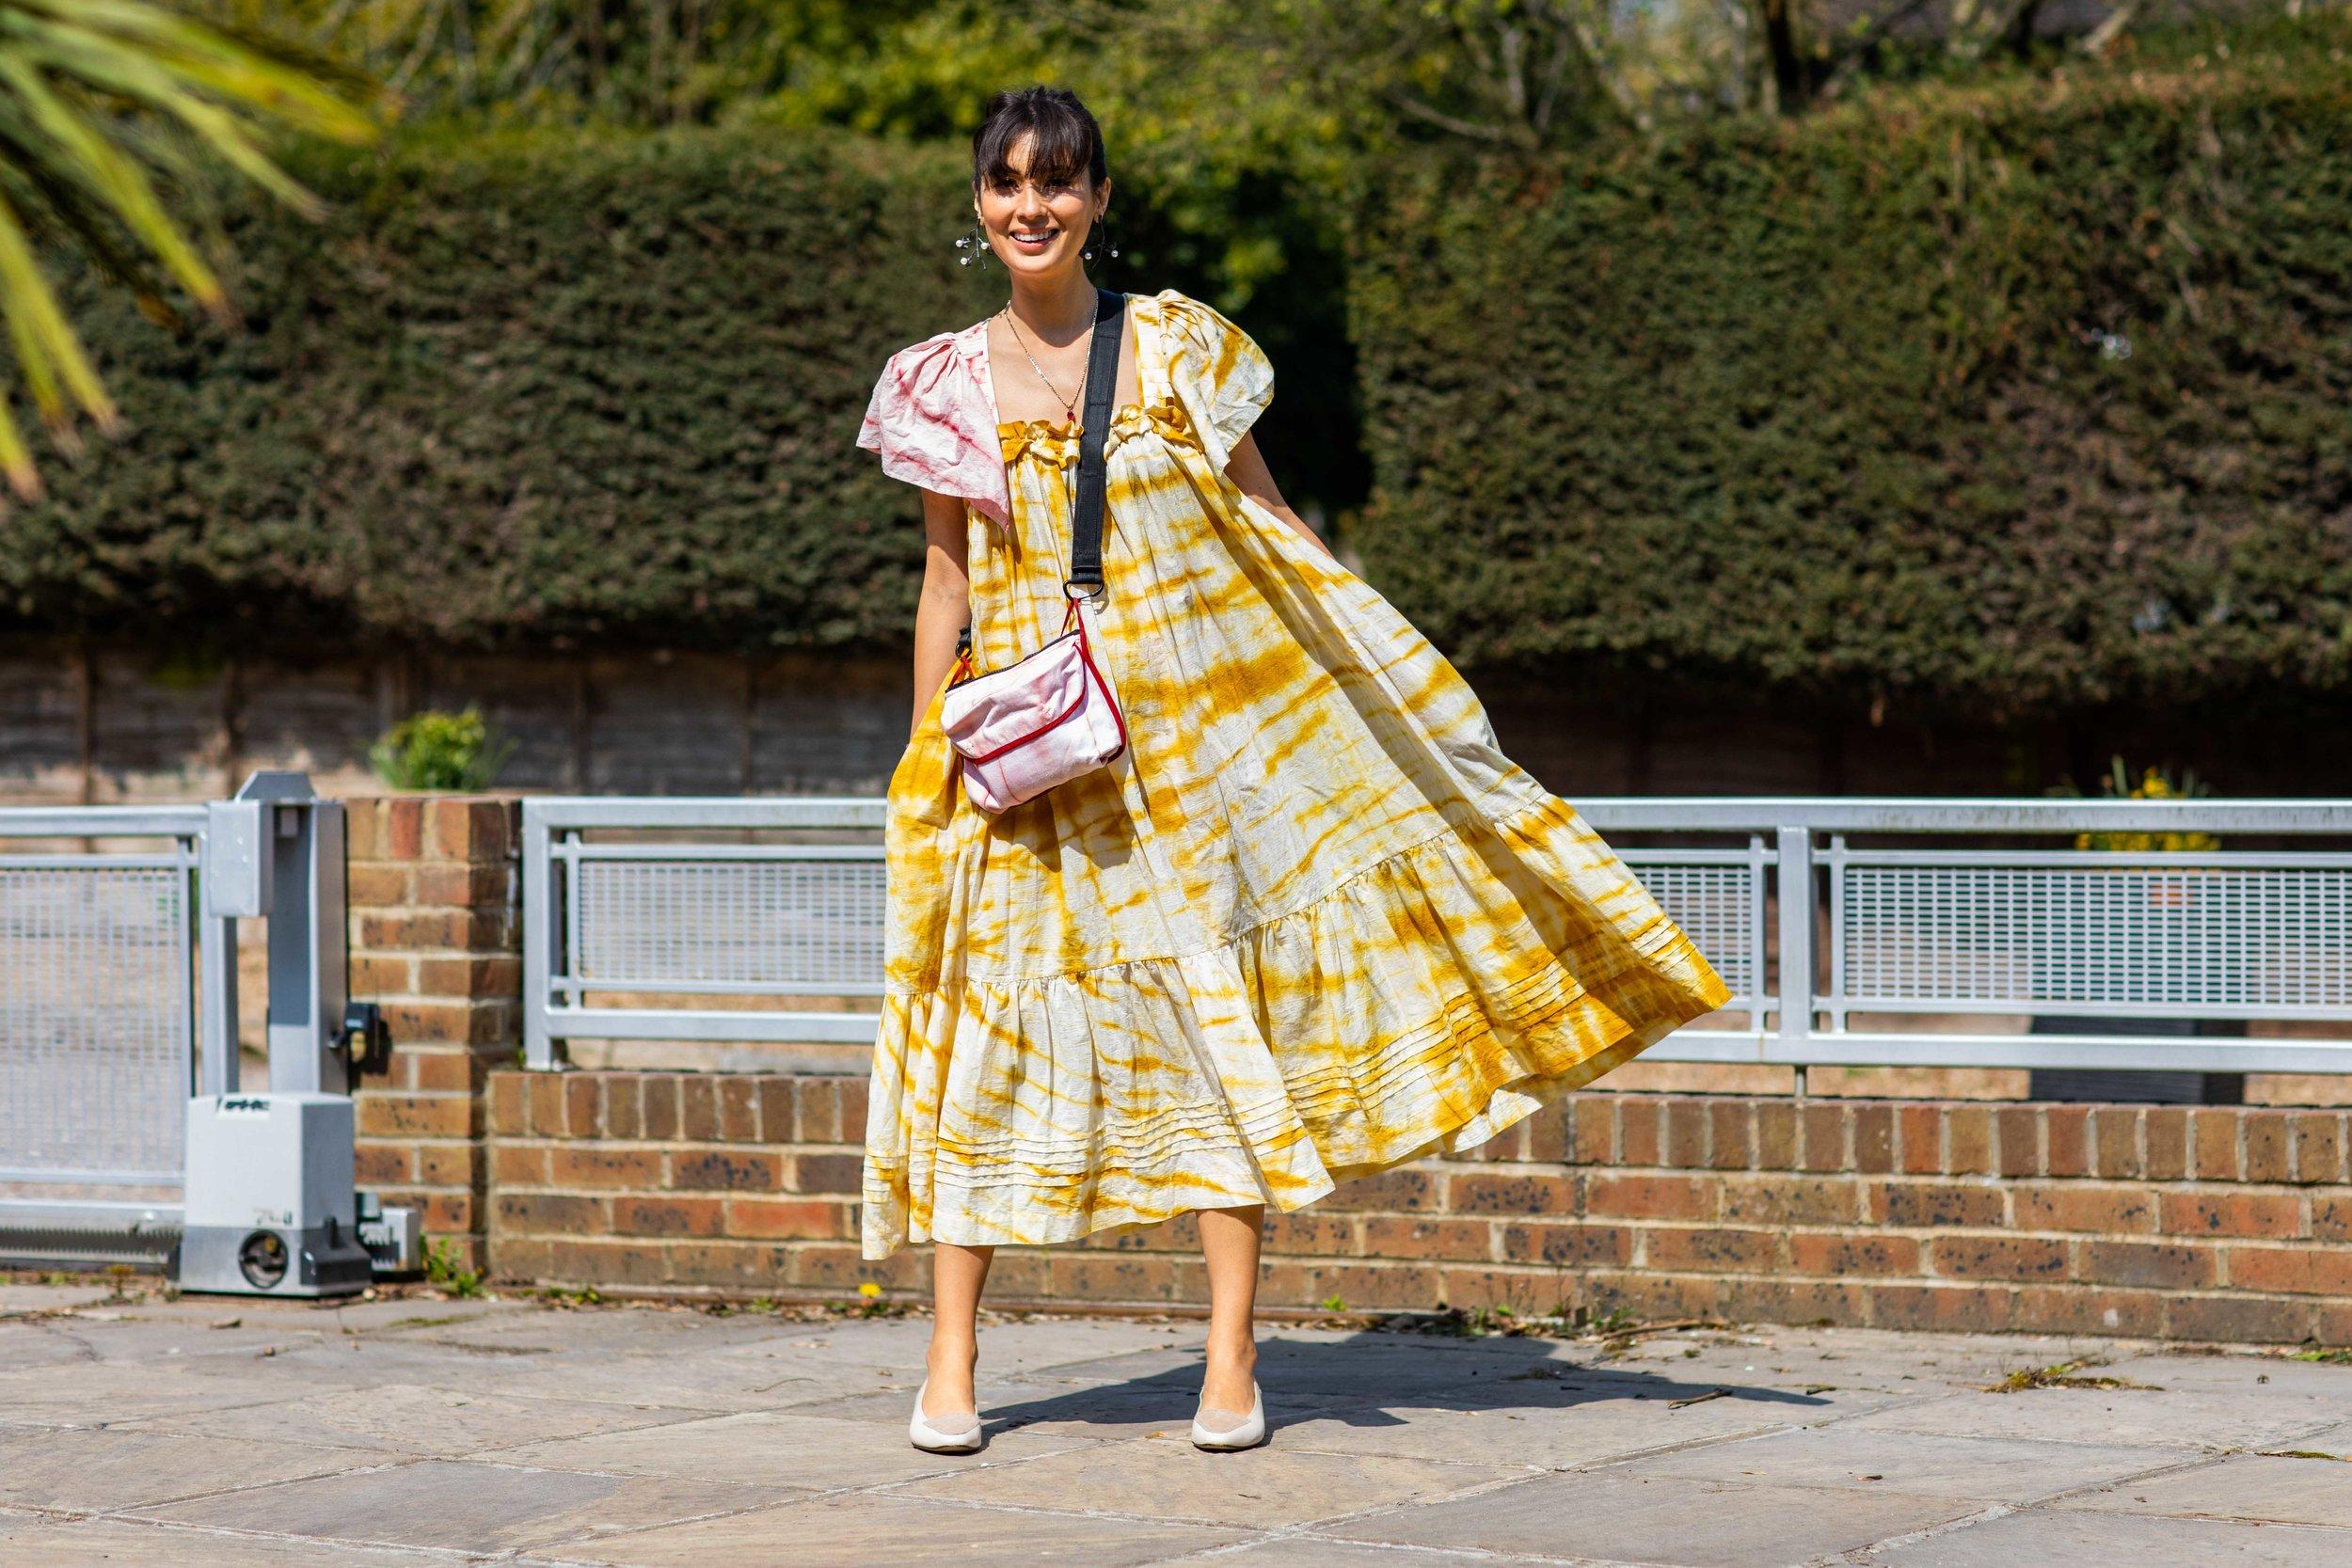 Jasmine_FashionRevolution_StoryMFG-4211.jpg